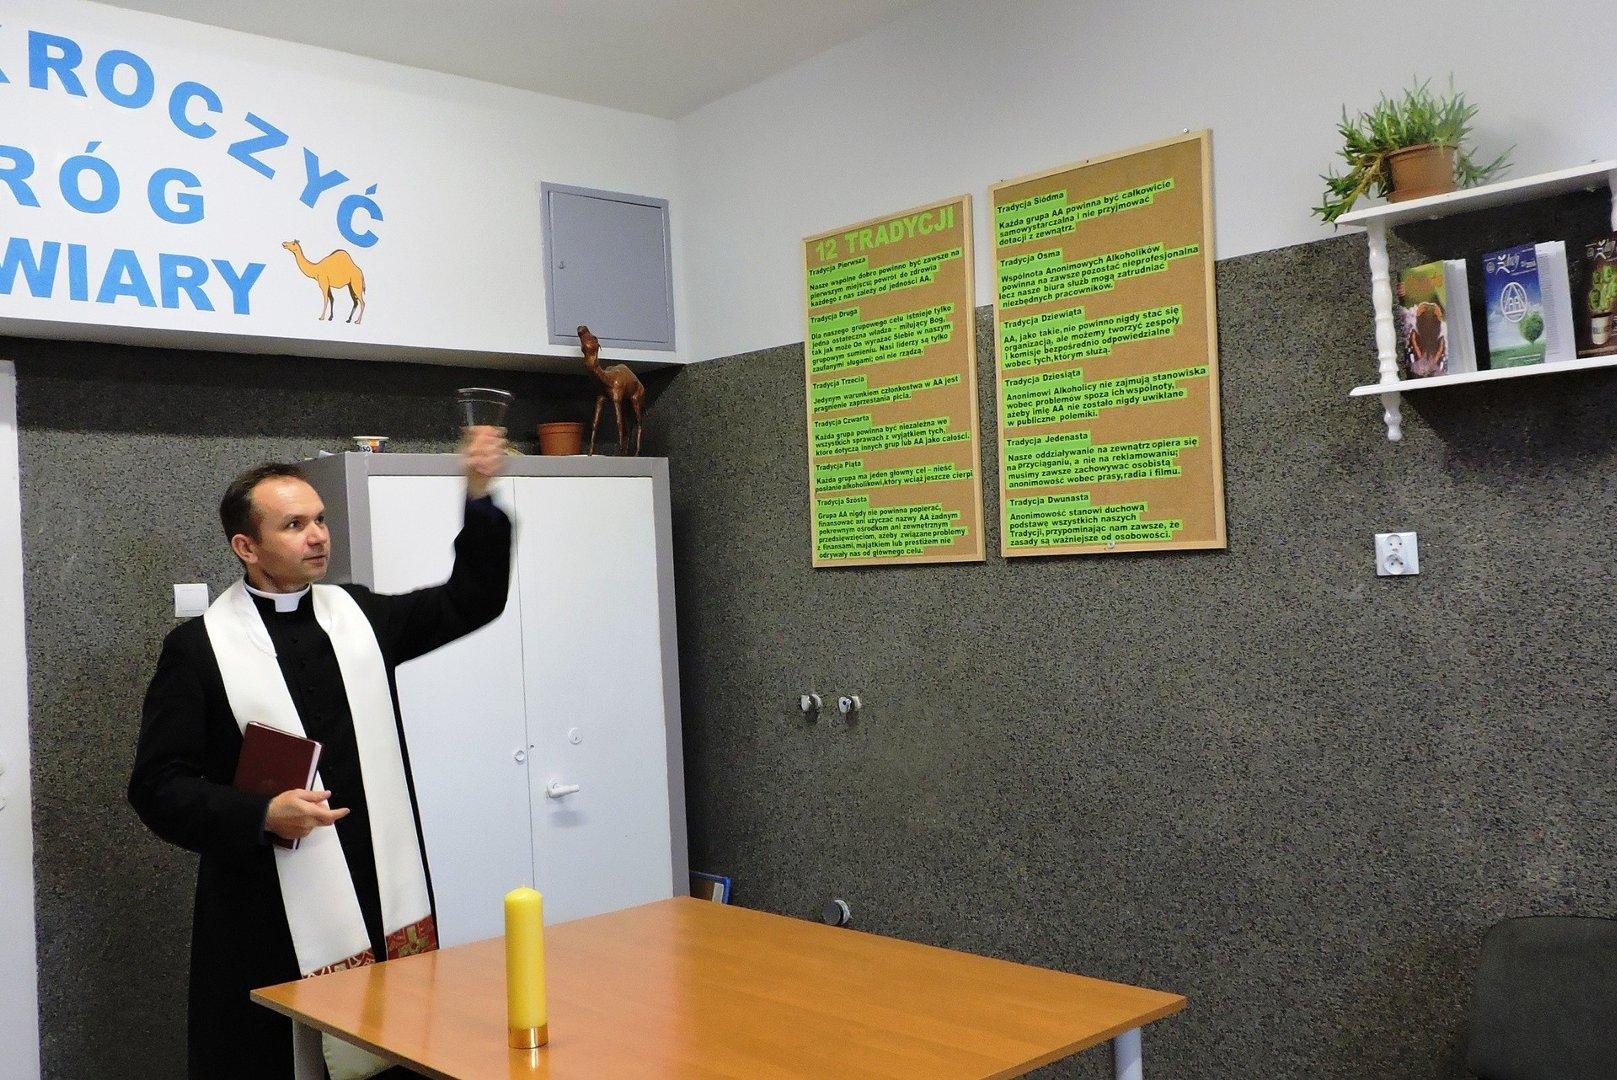 mieciowy bl gowy scae-championships.com - odpady sortowane i - Posk24